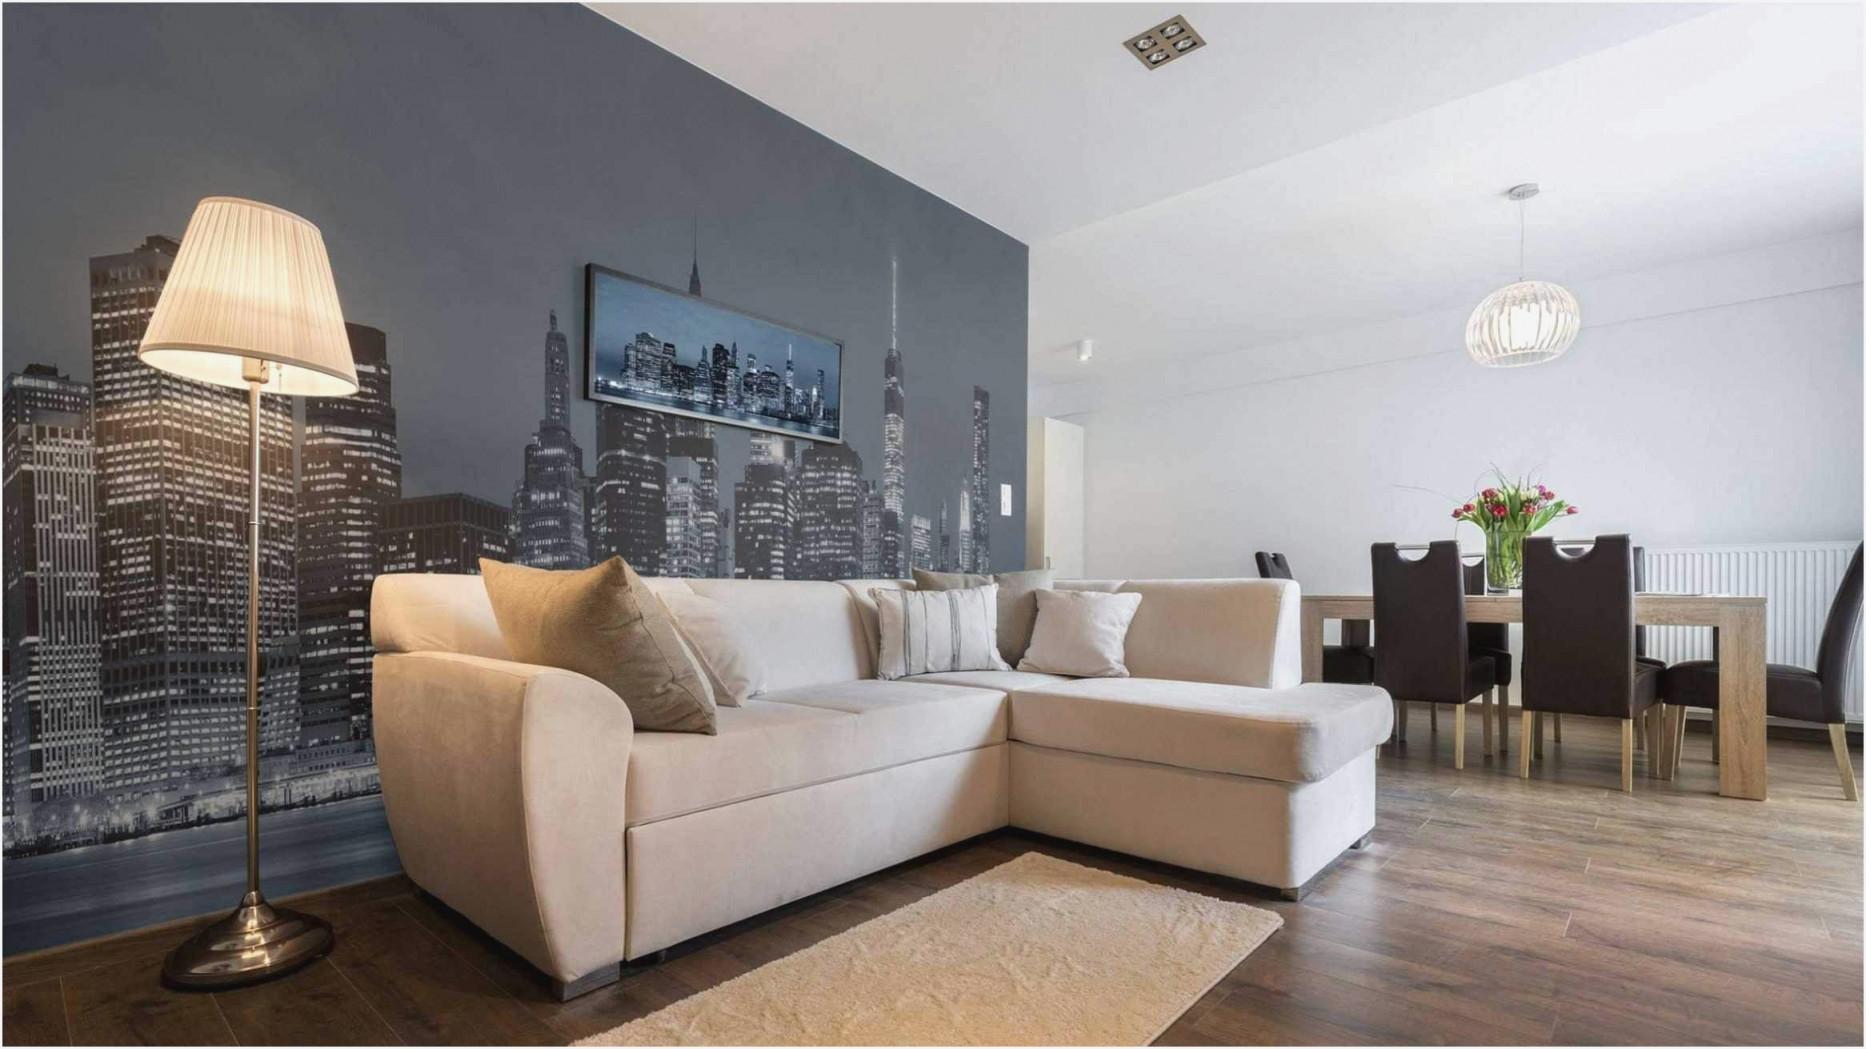 Wandgestaltung Wohnzimmer Beispiele – Caseconrad von Ideen Für Wandgestaltung Wohnzimmer Bild